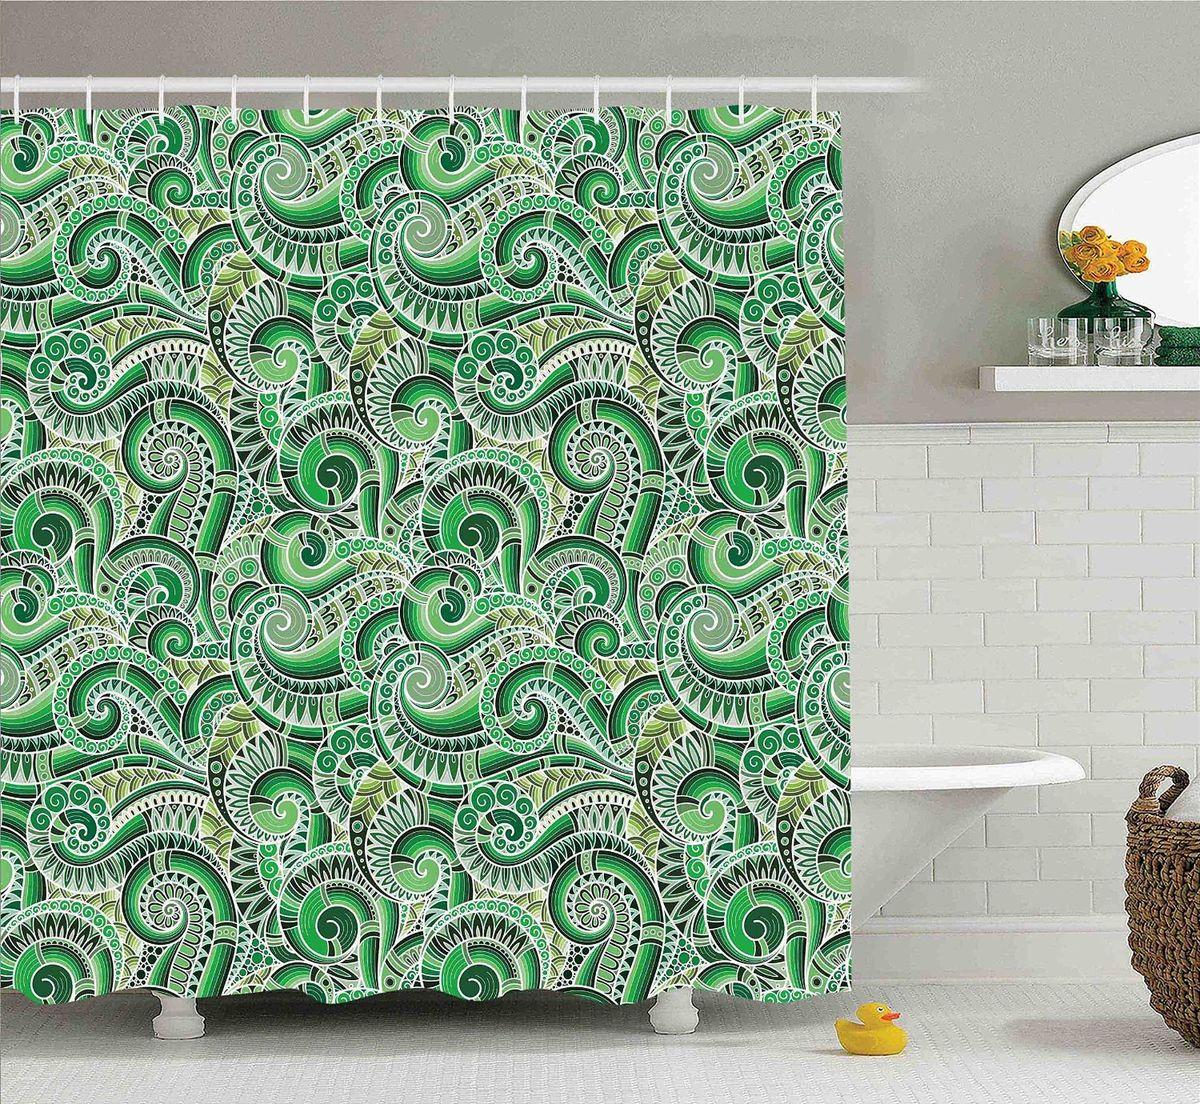 """Штора Magic Lady """"Зеленые узоры"""", изготовленная из высококачественного сатена (полиэстер 100%), отлично дополнит любой интерьер ванной комнаты. При изготовлении используются специальные гипоаллергенные чернила для прямой печати по ткани, безопасные для человека.    В комплекте: 1 штора, 12 крючков. Обращаем ваше внимание, фактический цвет изделия может незначительно отличаться от представленного на фото."""